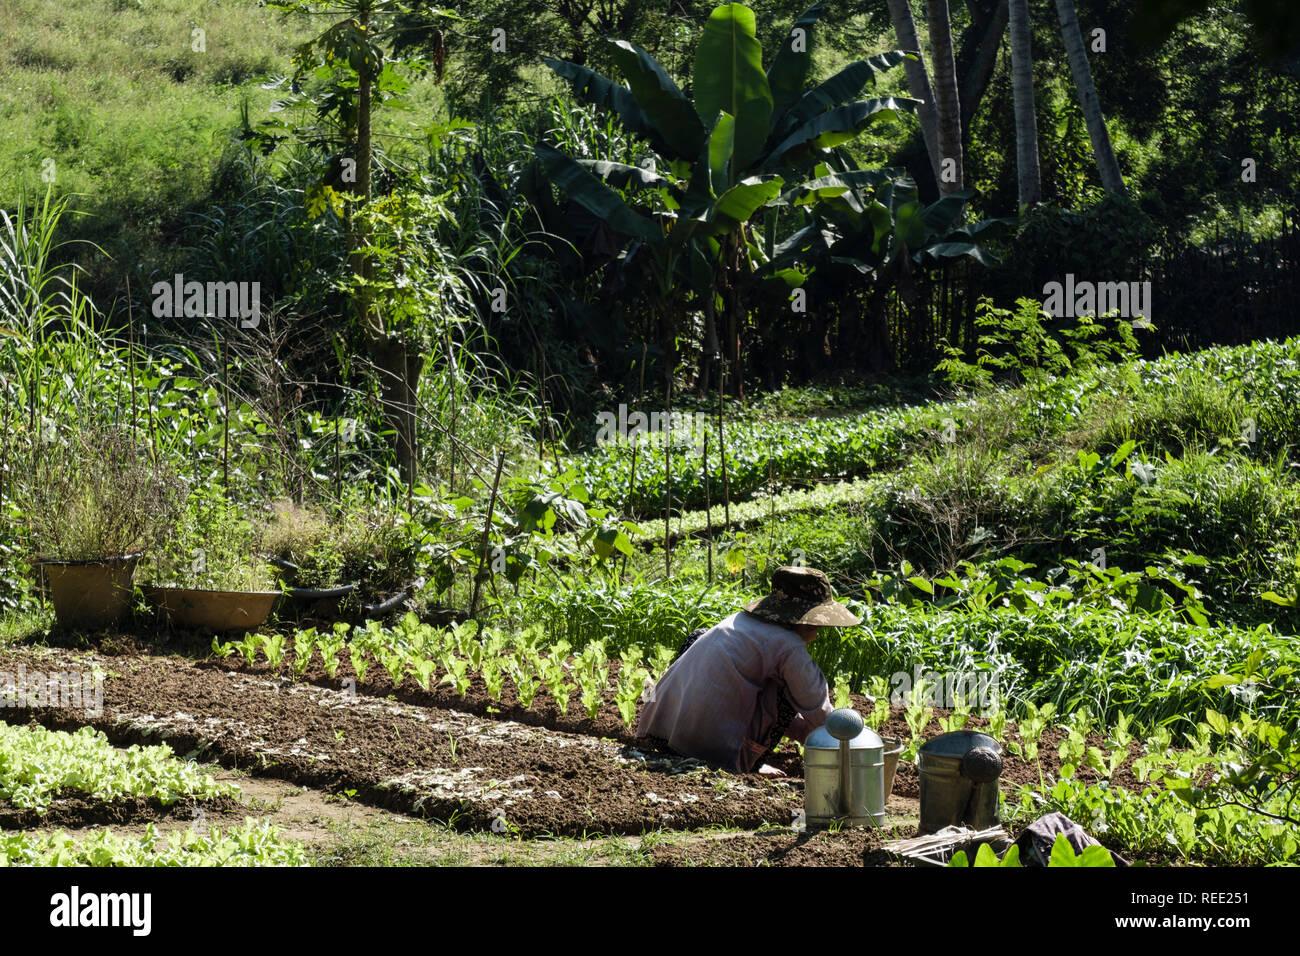 Eine vietnamesische Frau Gärten einen kleinen Gemüsegarten in einer Zuteilung neben den Regenwald. Louangphabang, Provinz Luang Prabang, Laos, Südostasien Stockbild